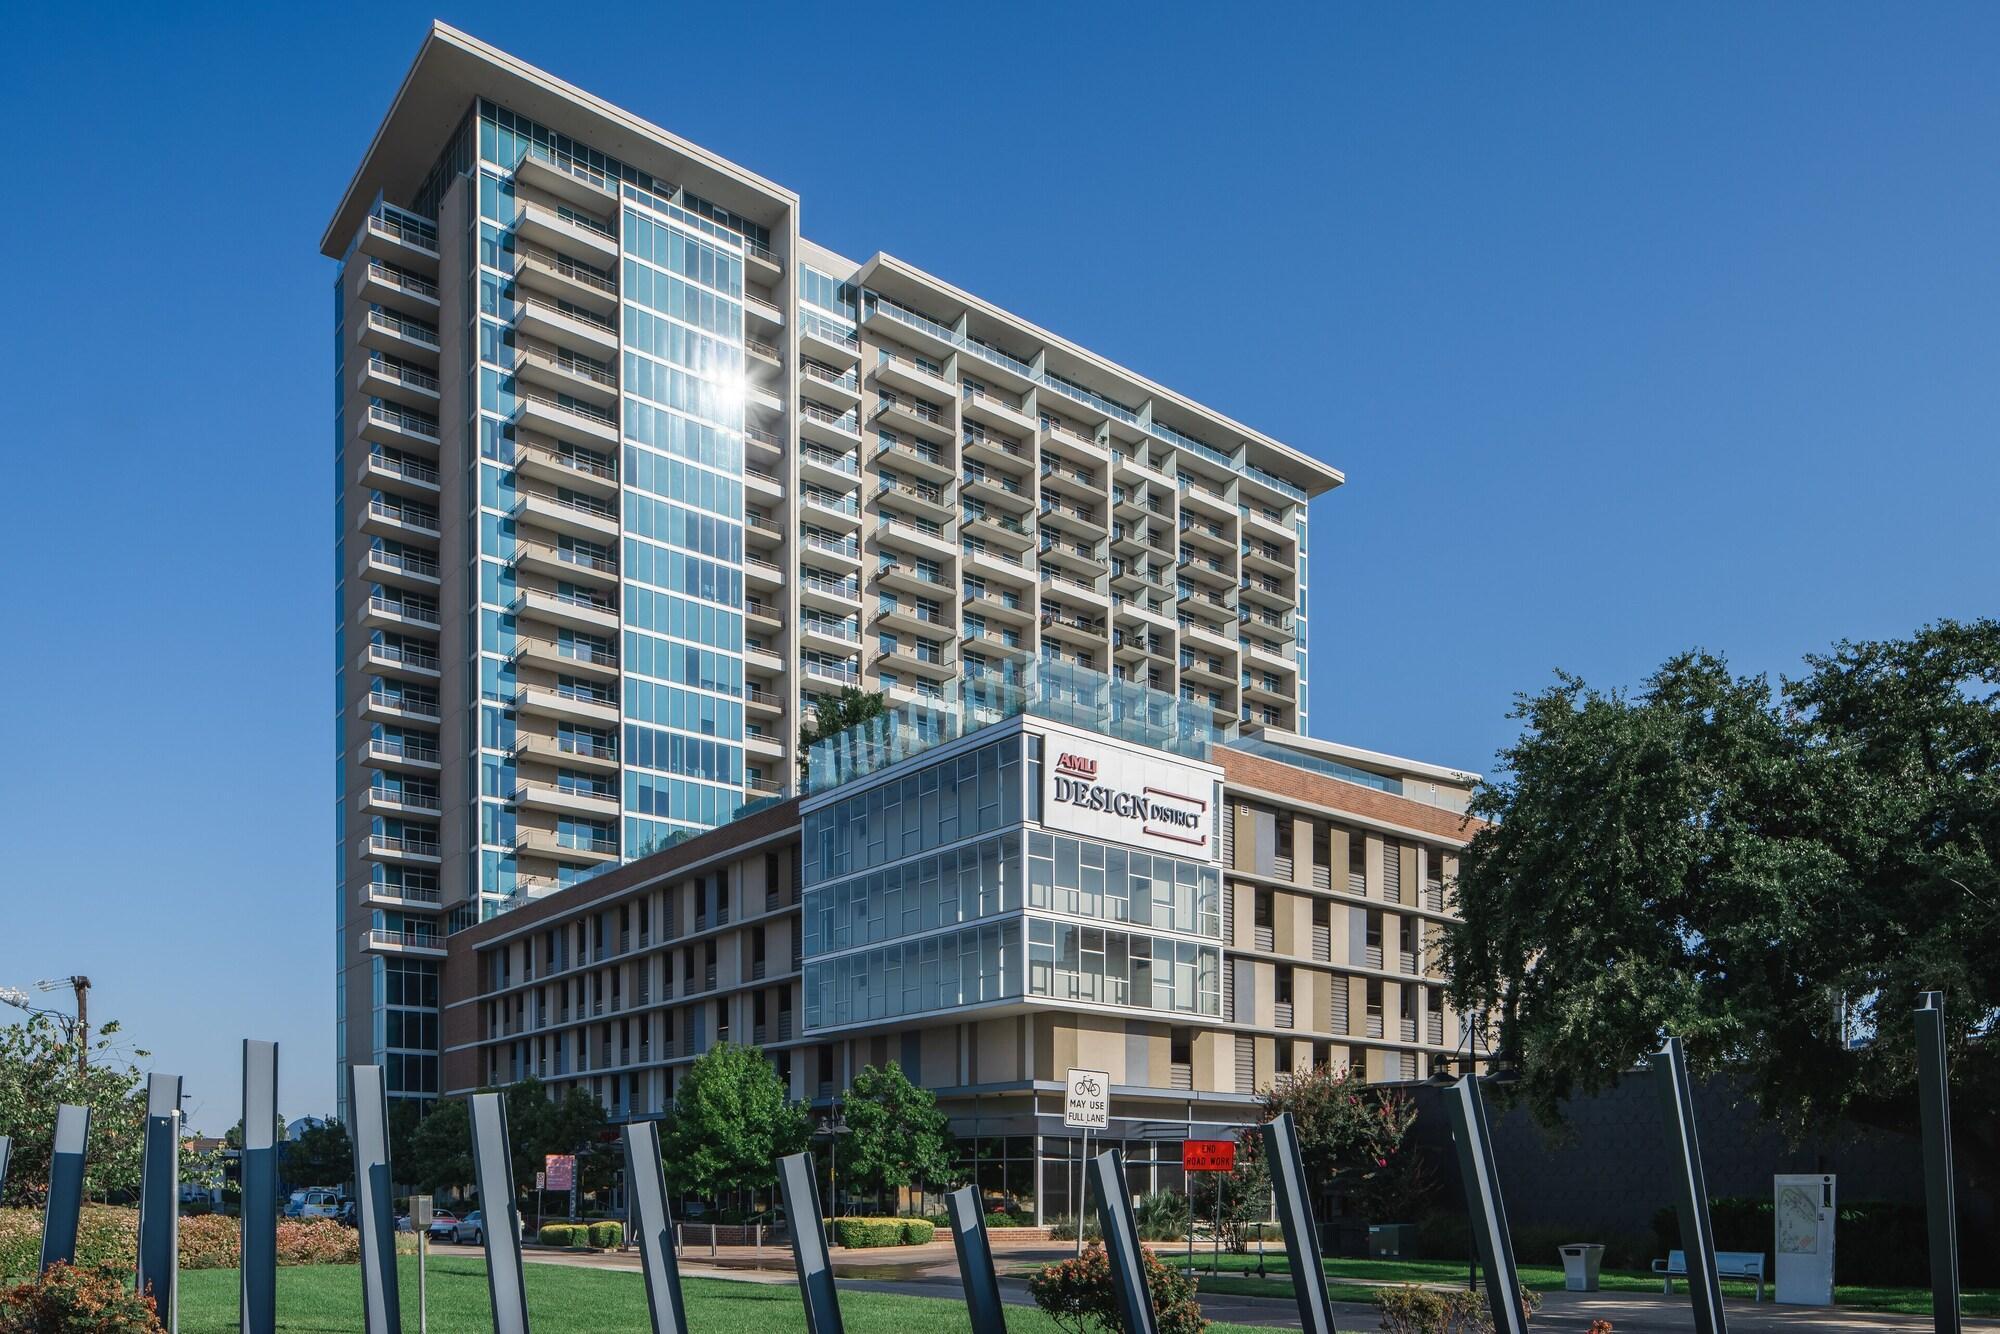 Locale Dallas Design District